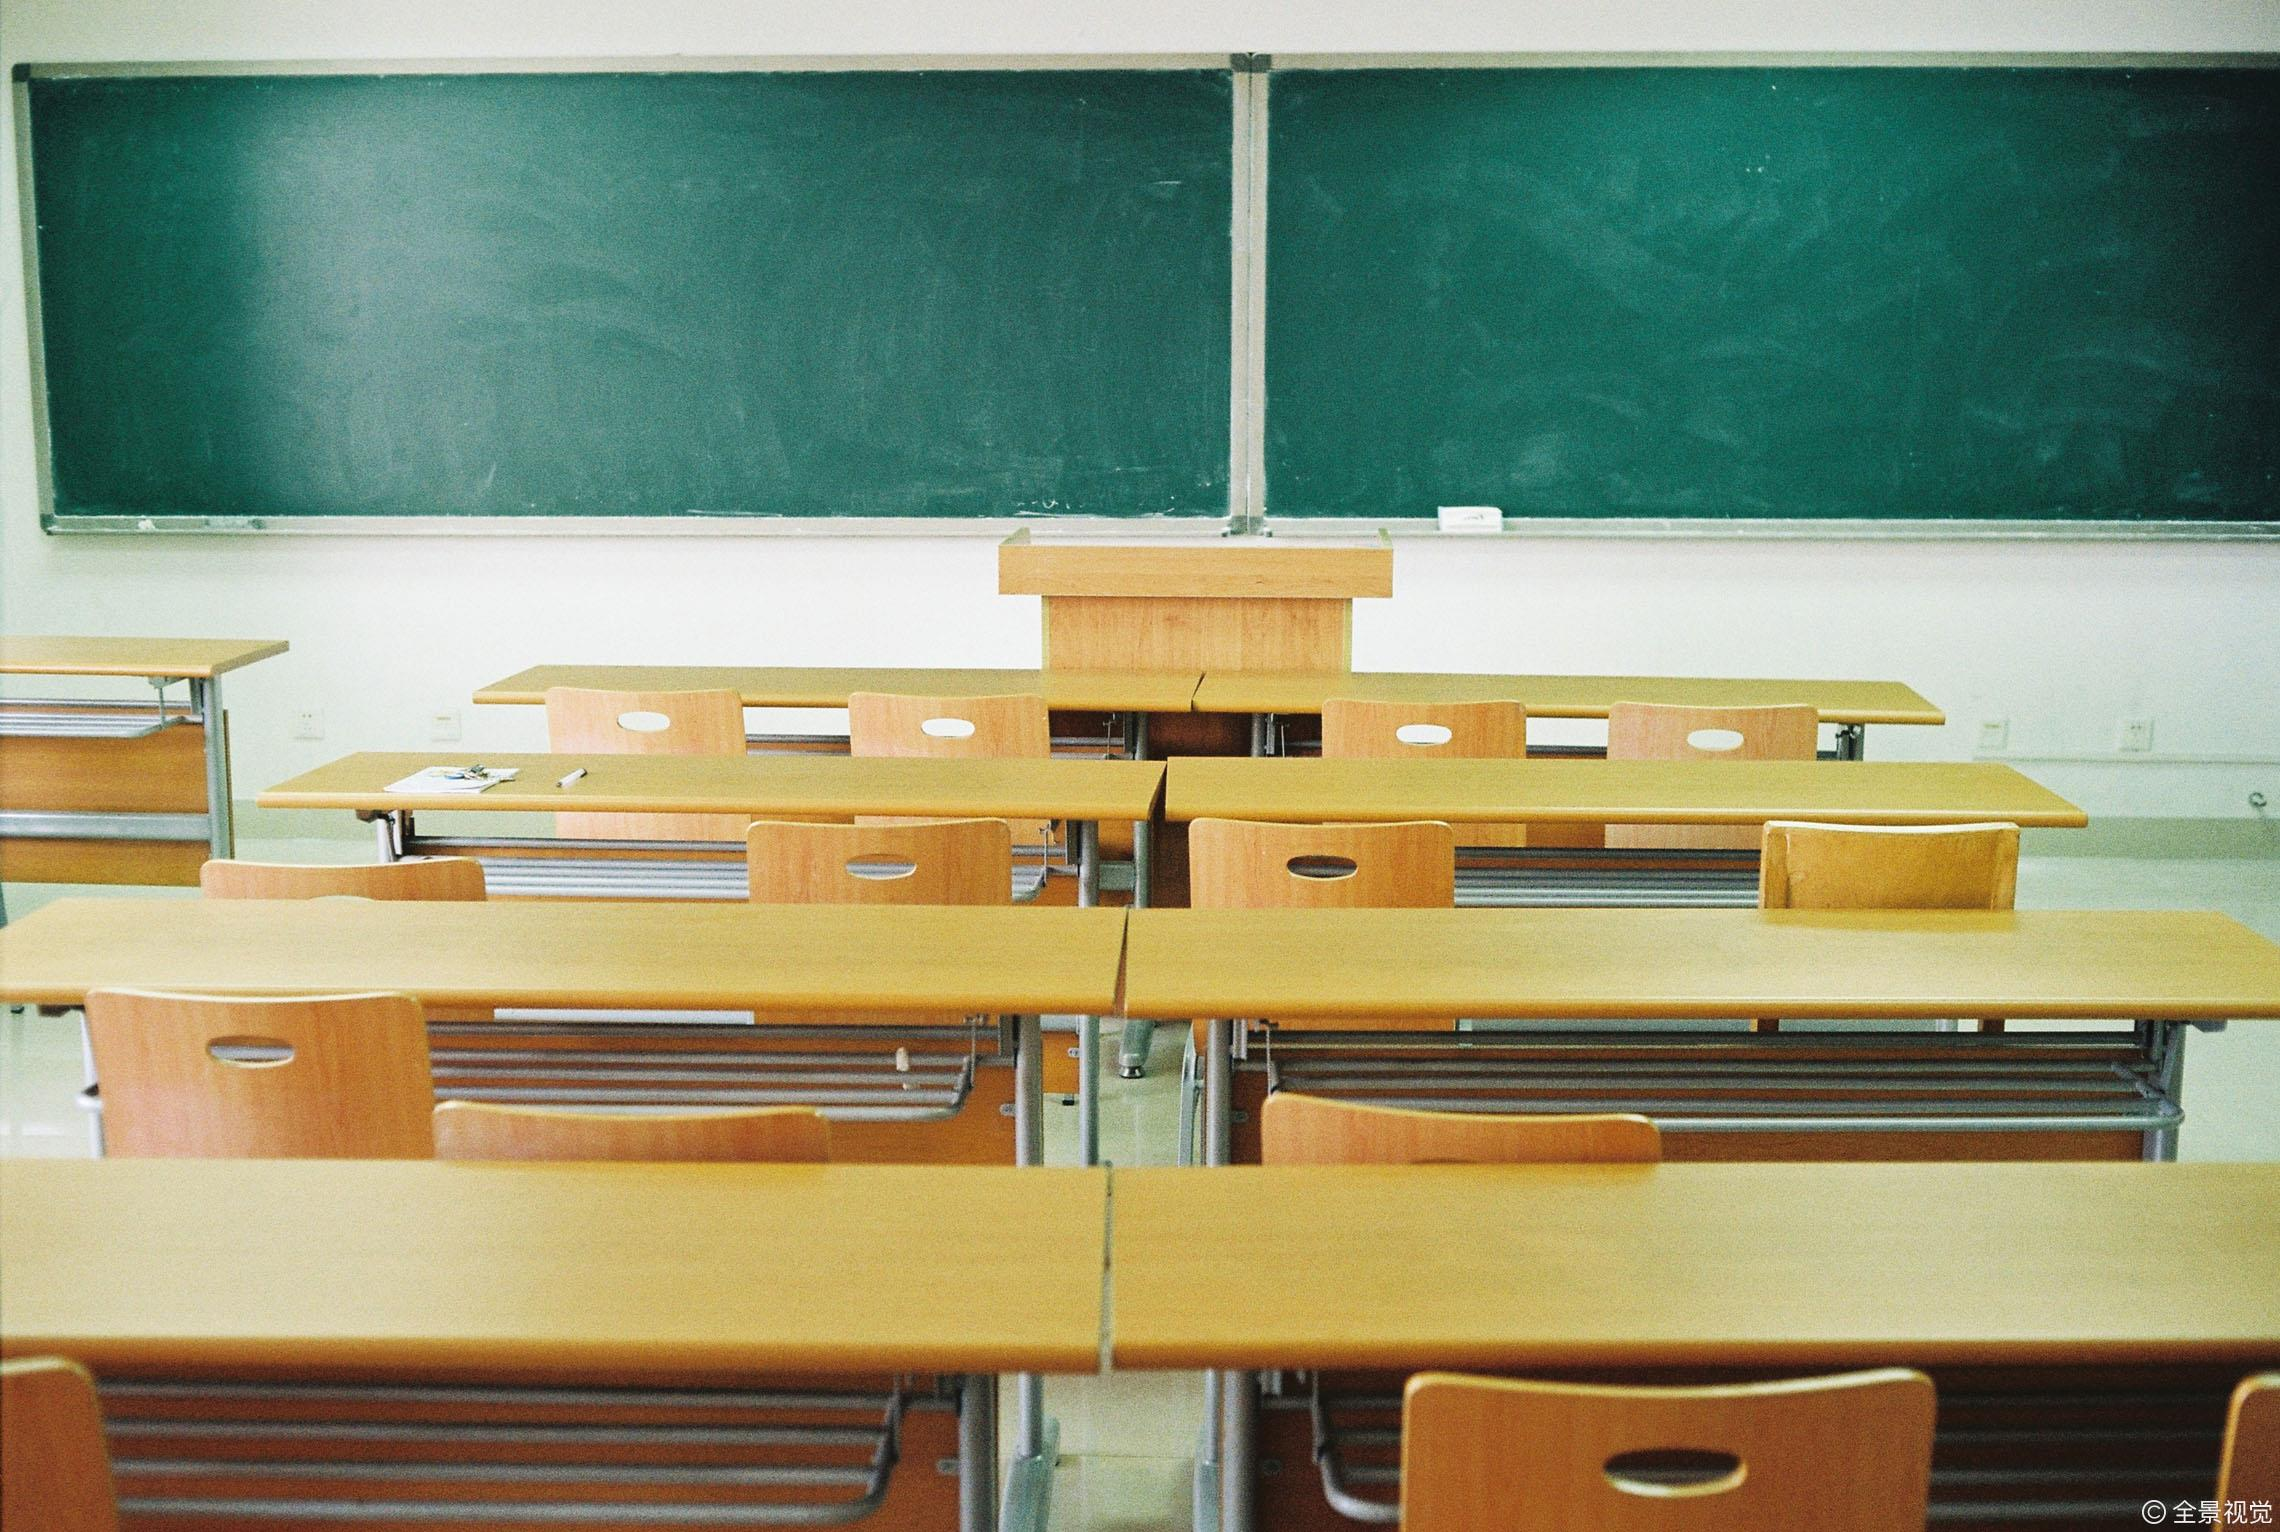 弘成教育OTS4.0系统,开启智慧考试新时代